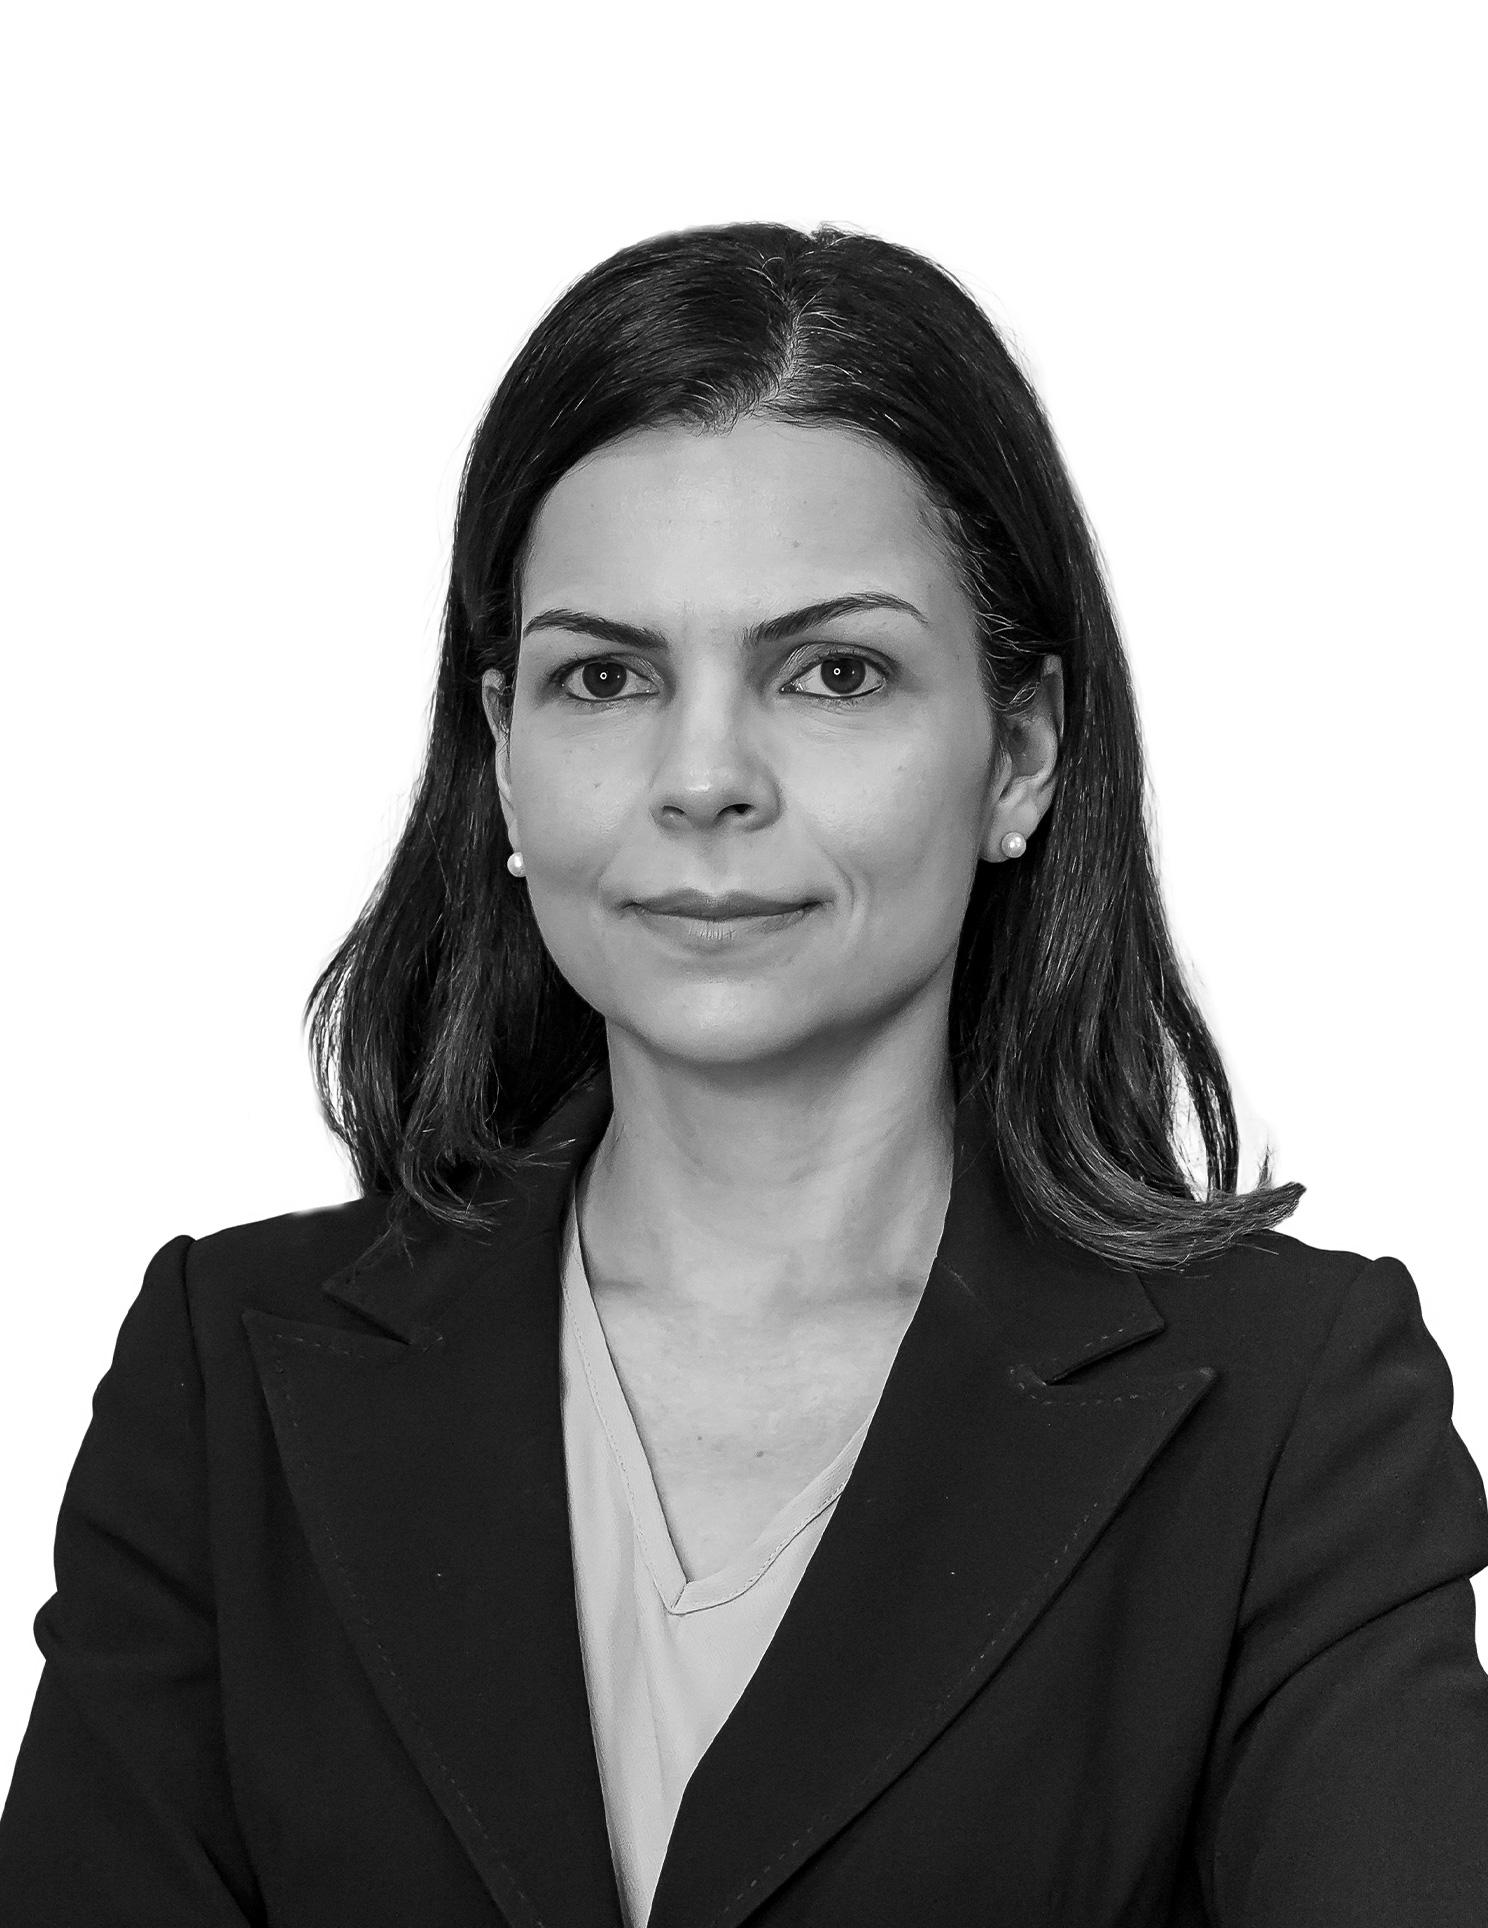 Mariana Valério Gimenes